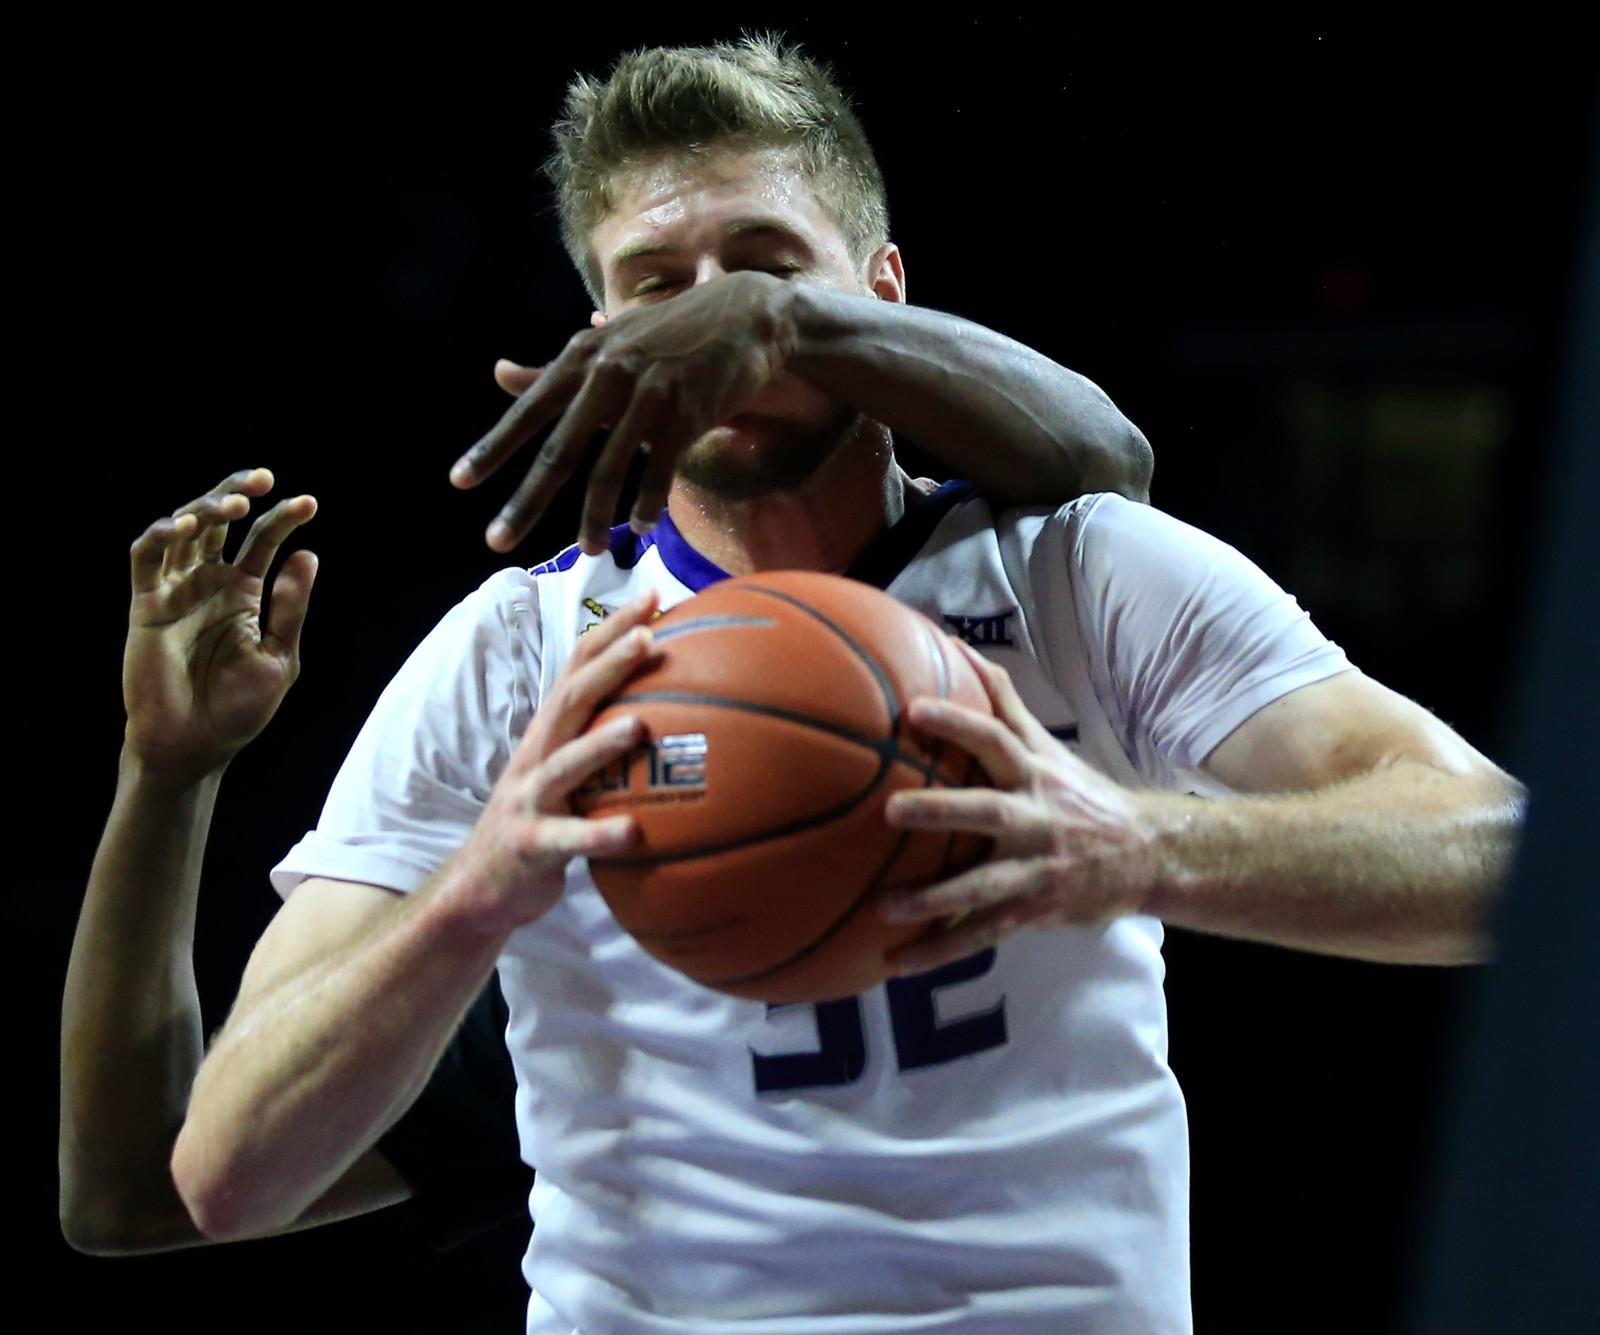 Et ekstra par med armer hadde sikkert vært fin for Kansas States Dean Wade, men vi kan røpe at motspiller Shay'rone Jett står bak de tilsynelatende frittgående armene.